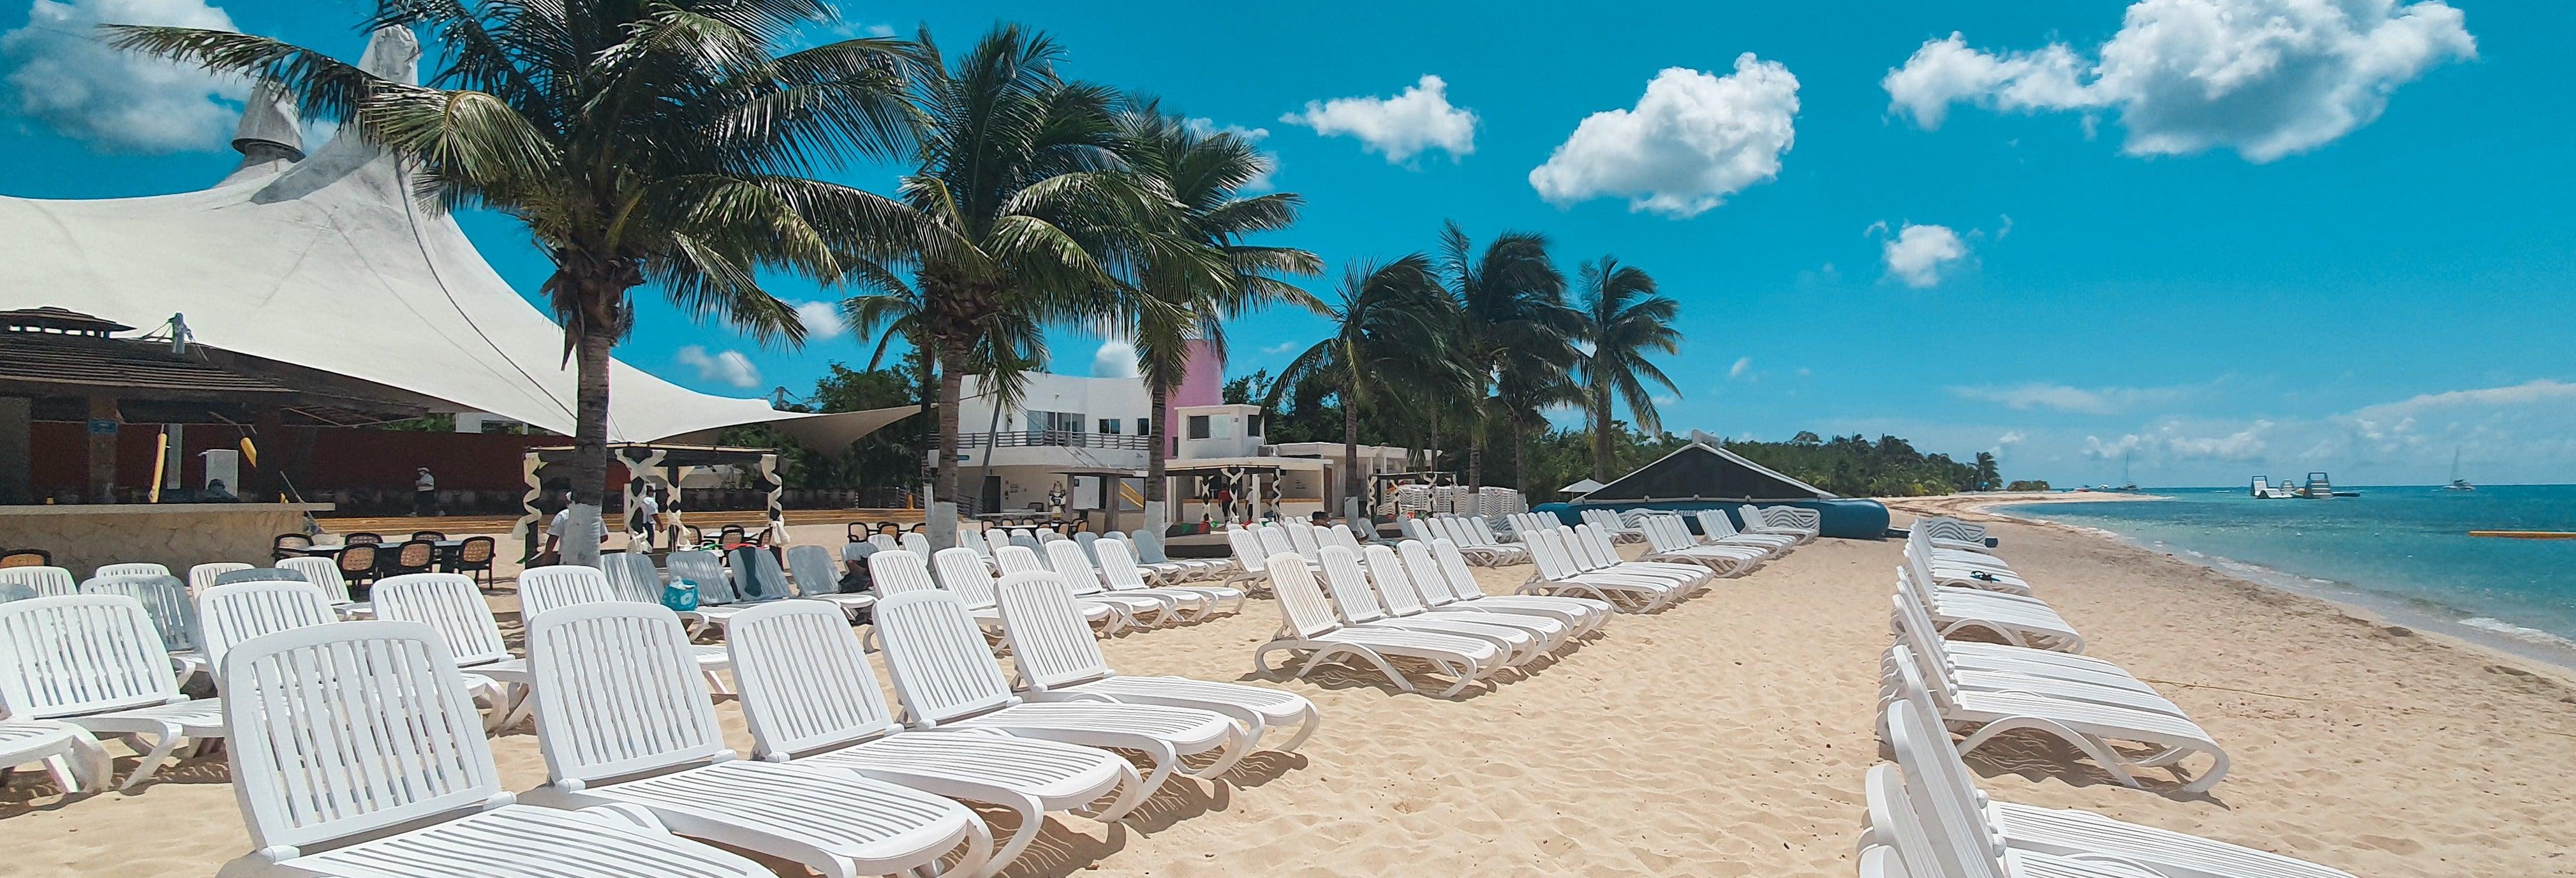 Excursion sur une plage privée + Snorkeling